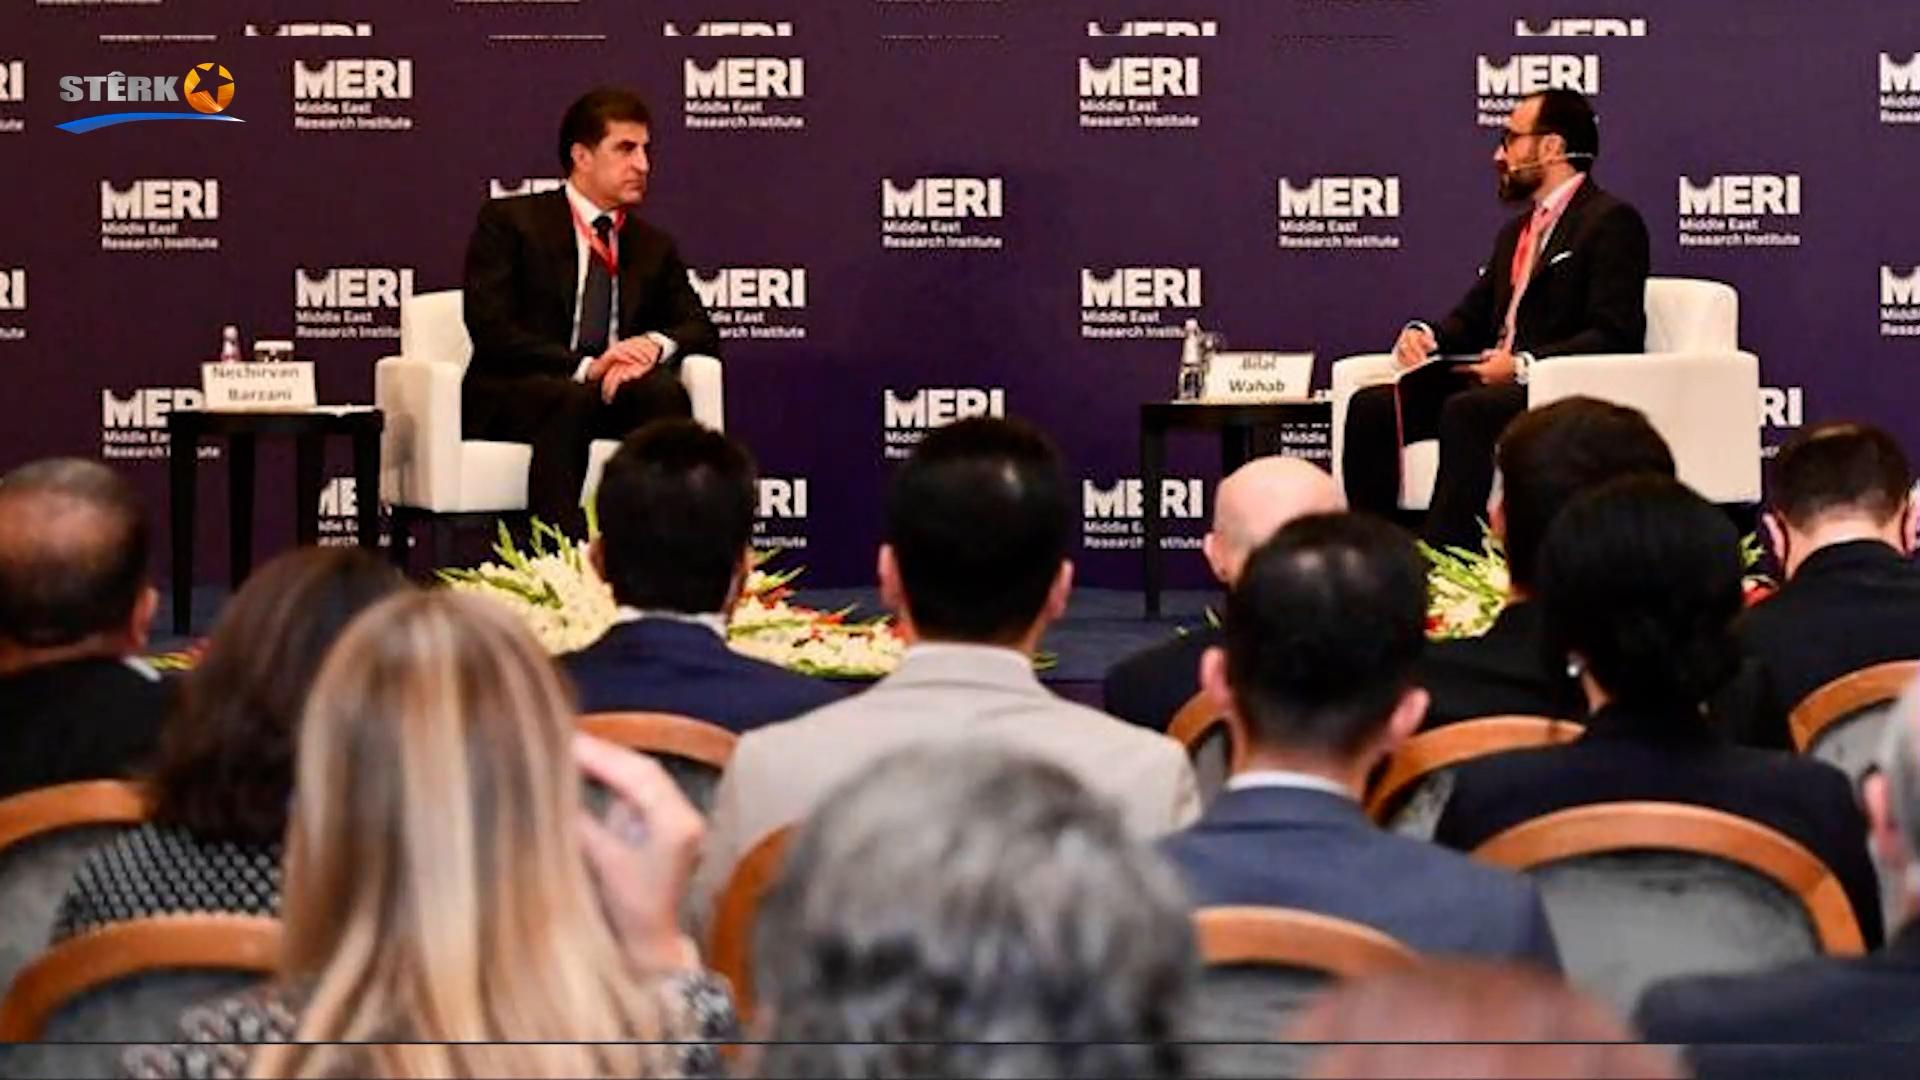 Sefîrê Tirk Mesut Ozçelik: 'Em û PDK li Şengalê bi hev re tevdigerin'